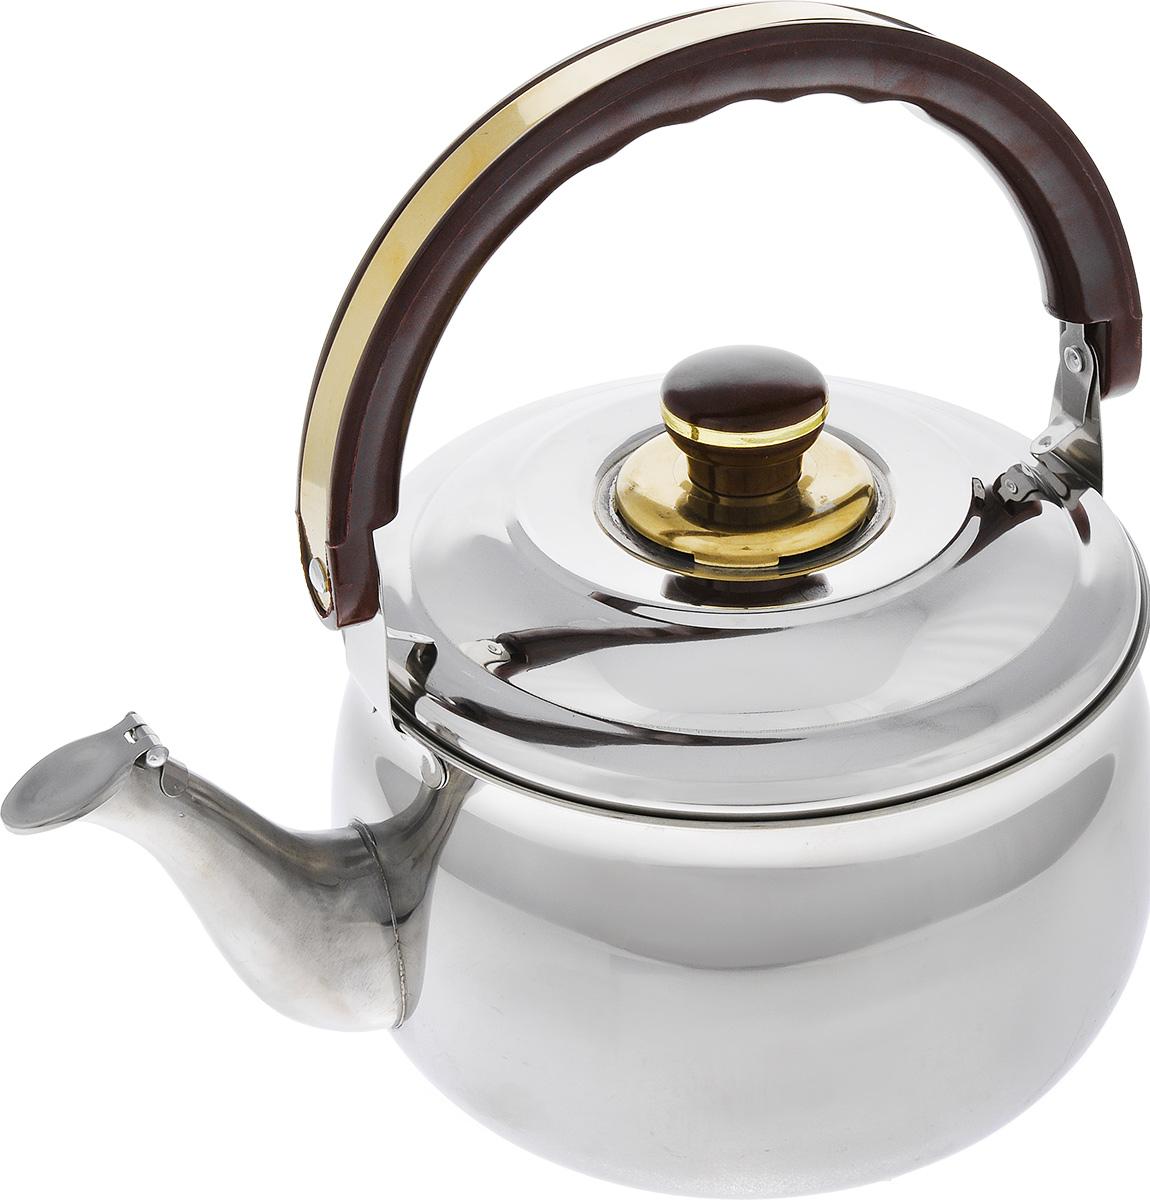 Чайник Mayer & Boch, со свистком, 4 л. 10371037Чайник Mayer & Boch выполнен из высококачественной нержавеющей стали 18/10, что делает его весьма гигиеничным и устойчивым к износу при длительном использовании. Капсулированное дно с прослойкой из алюминия обеспечивает наилучшее распределение тепла. Крышка чайника оснащена свистком, что позволит вам контролировать процесс подогрева или кипячения воды. Подвижная ручка чайника изготовлена из бакелита. Подходит для газовых, электрических и стеклокерамических плит. Не подходит для индукционных плит. Высота чайника (без учета ручки и крышки): 12,5 см.Высота чайника (с учетом ручки и крышки): 26,5 см.Диаметр чайника (по верхнему краю): 19 см.